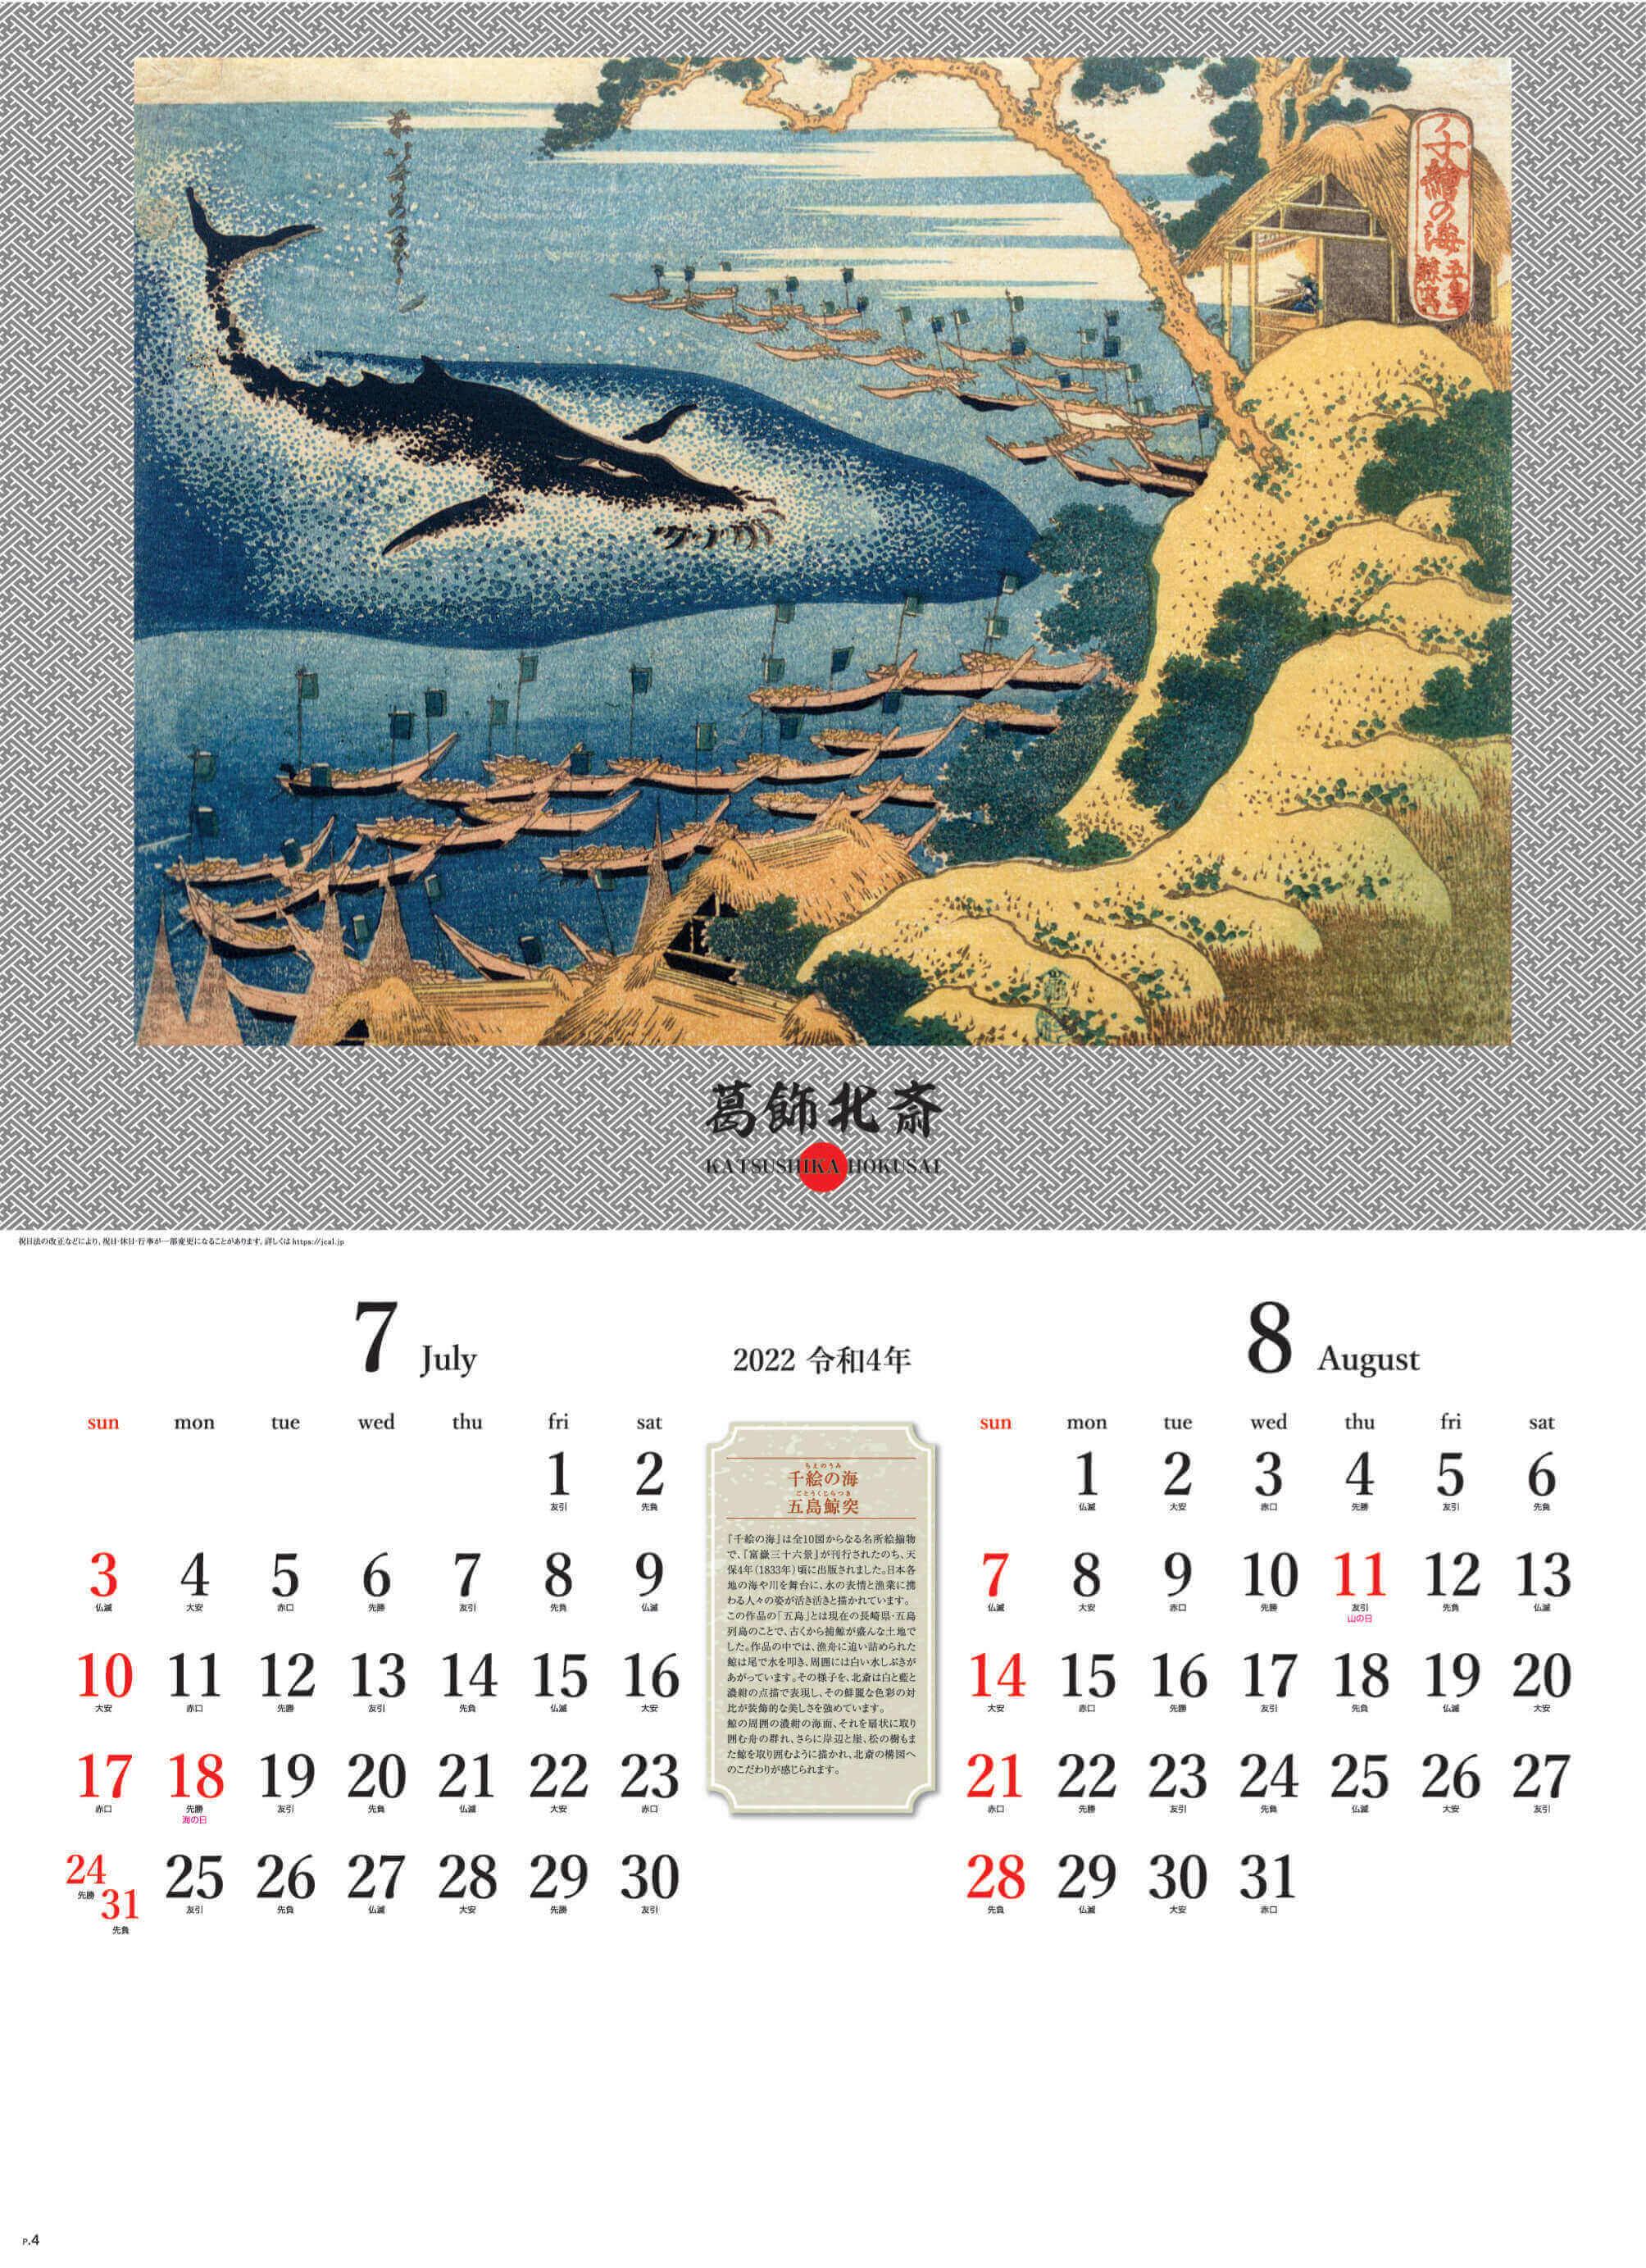 7−8月 千絵の海 五島鯨突 葛飾北斎 2022年カレンダーの画像